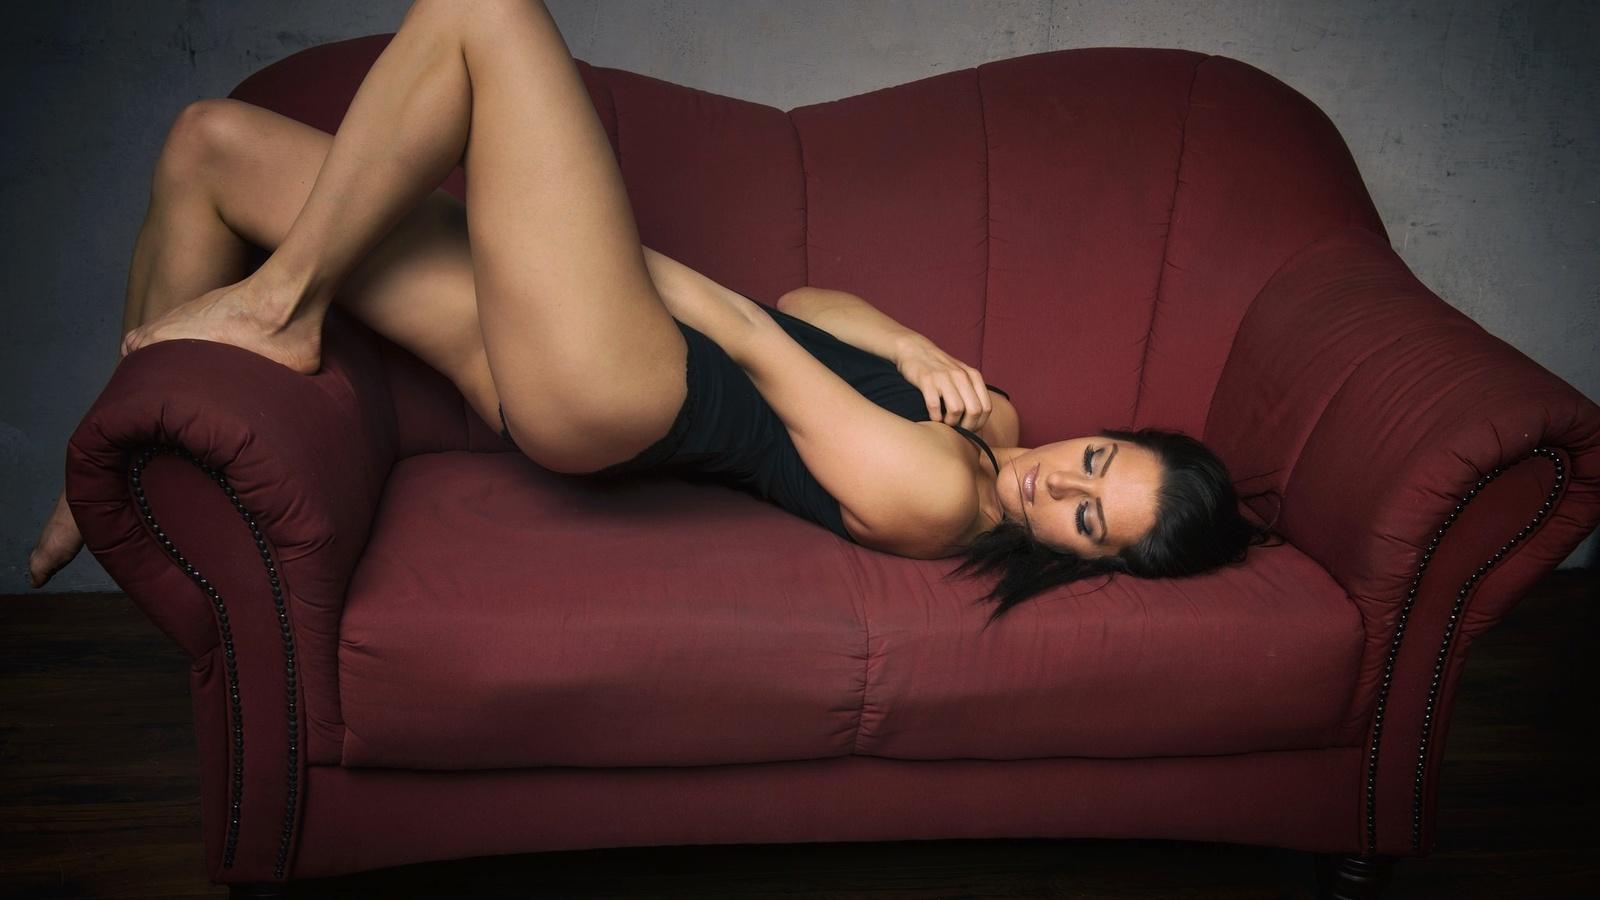 Фото брюнетки на диване лежа, фото попок в масле молоке